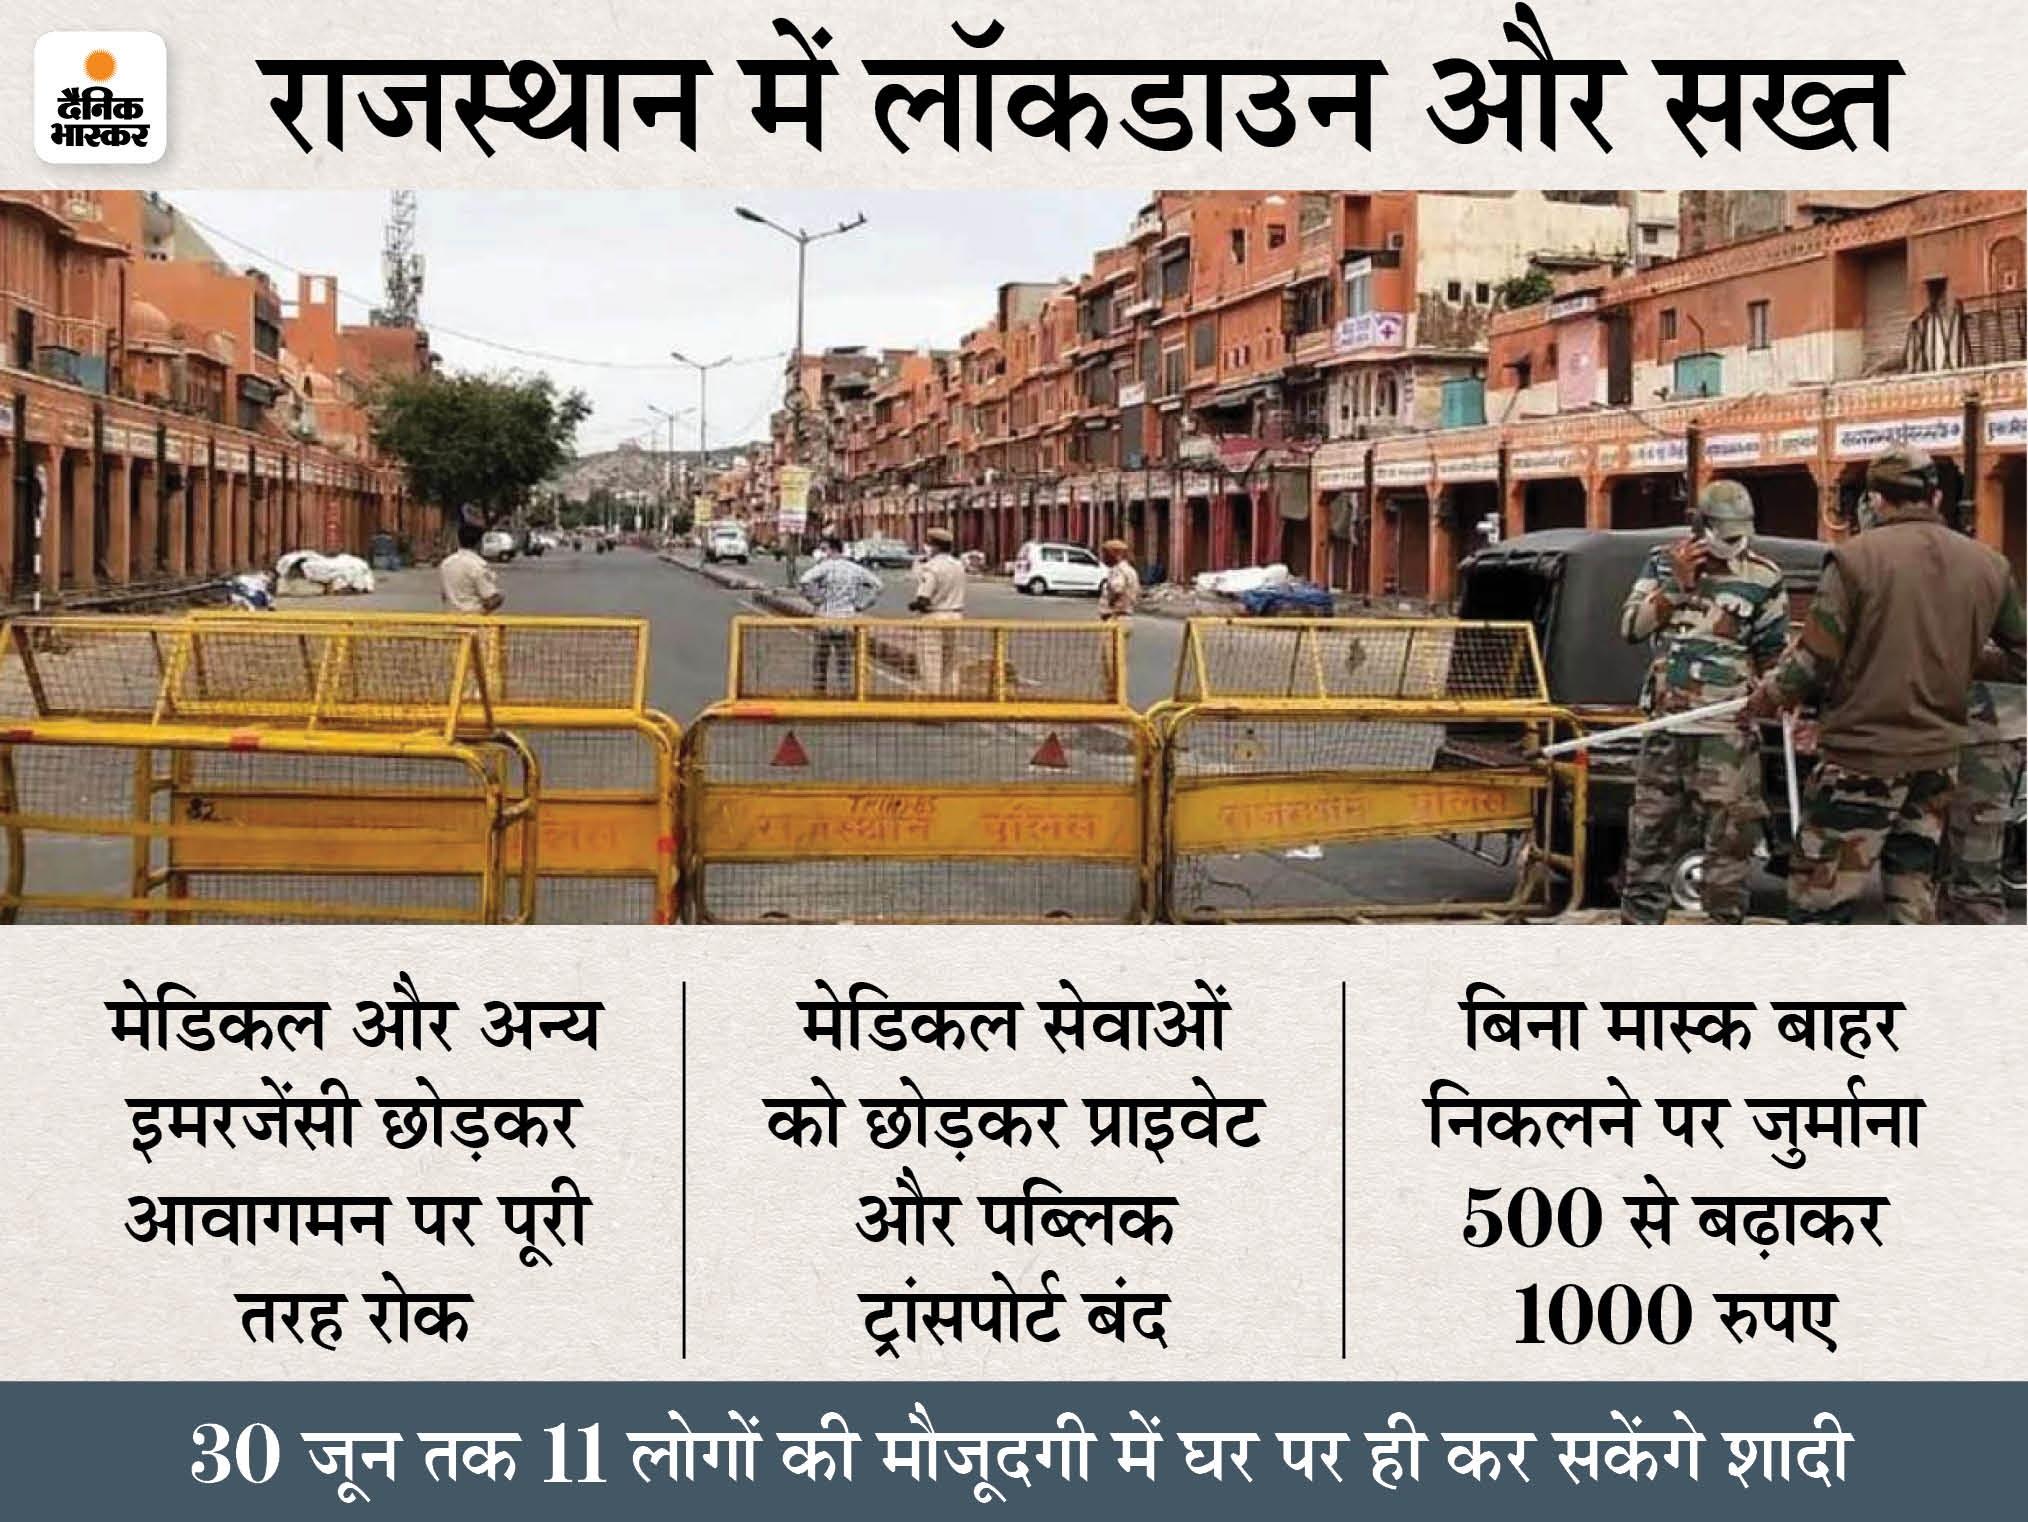 शनिवार से सोमवार तक मेडिकल, दूध और सब्जी की दुकानें छोड़ सब बंद रहेगा; 30 जून तक शादियों पर पहले जैसी पाबंदियां जयपुर,Jaipur - Dainik Bhaskar